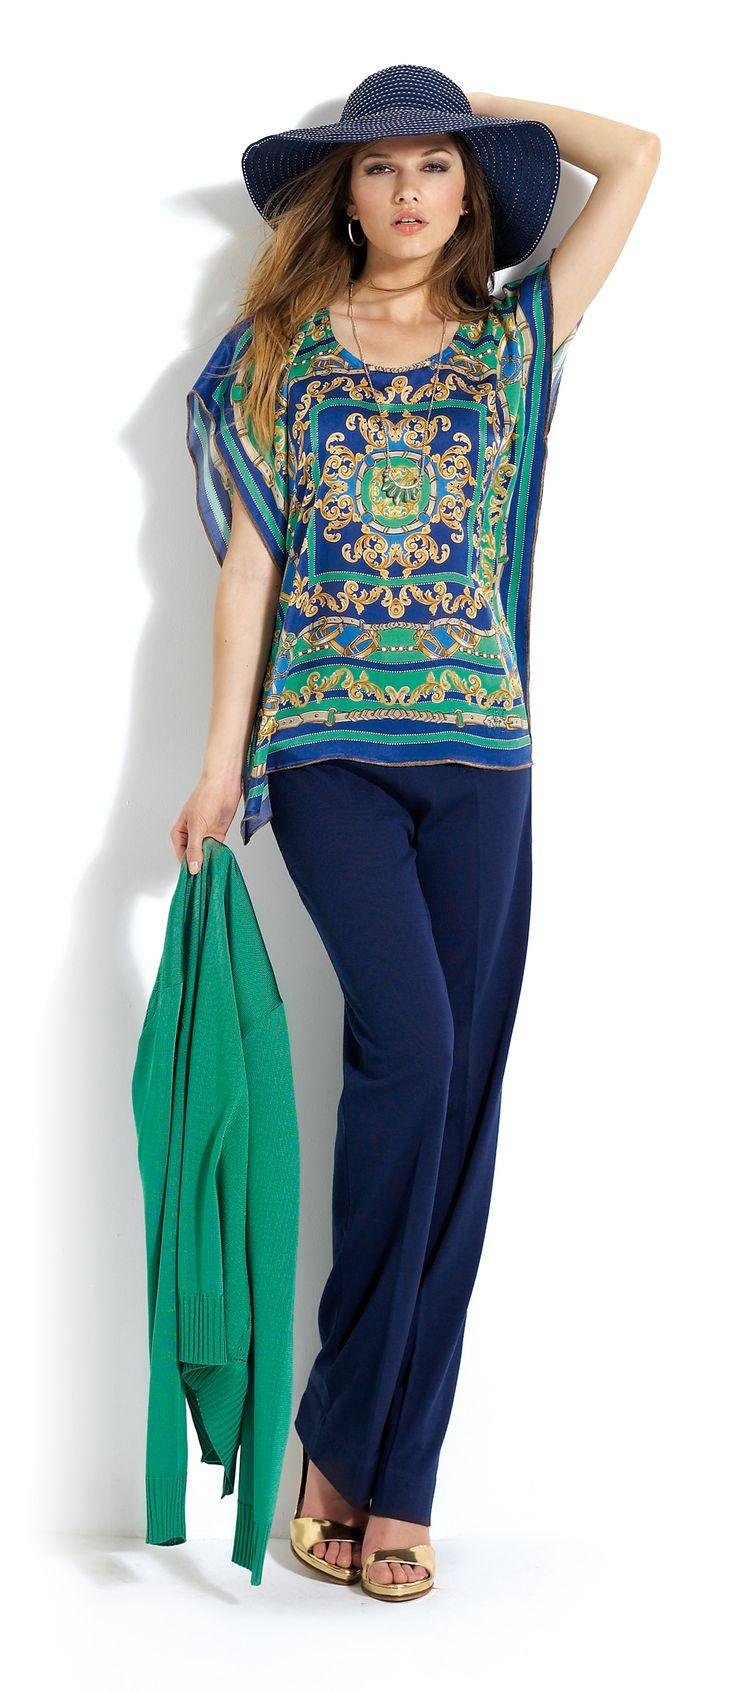 Pantalón azul marino con sombrero a juego. Blusa con estampado étnico en tonos azules.   #trousers #blue #hat #etnic